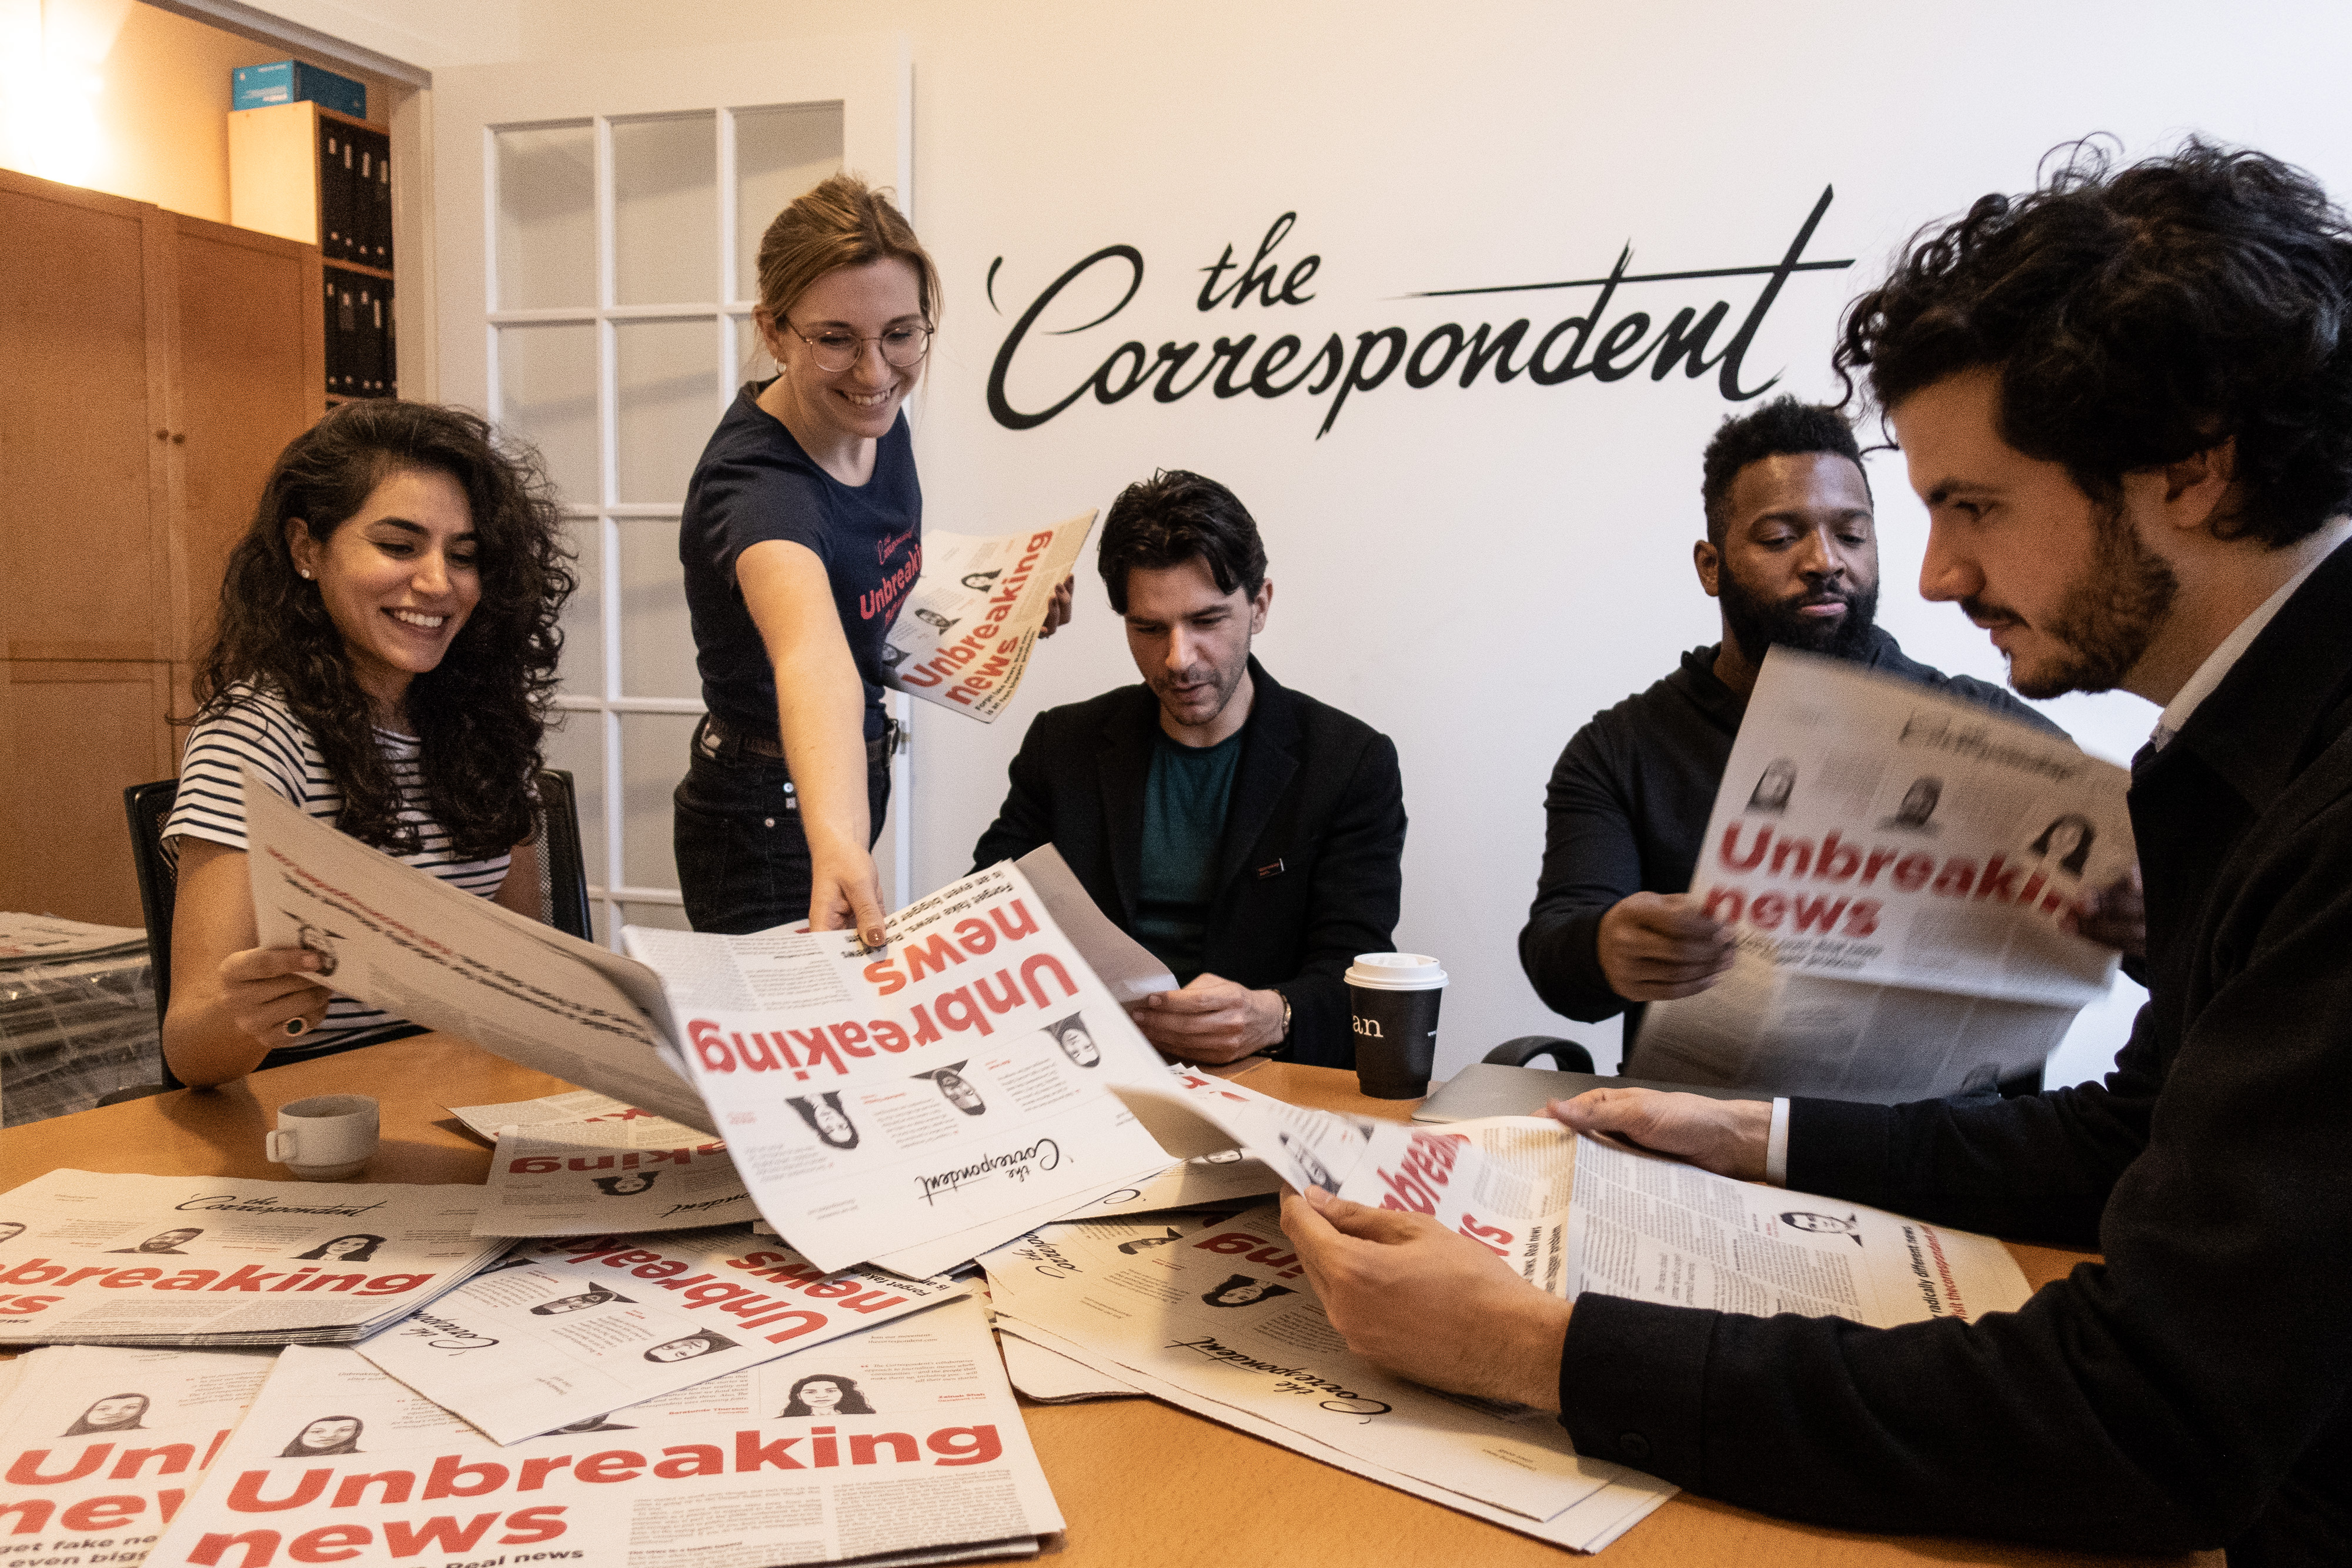 The Correspondent team